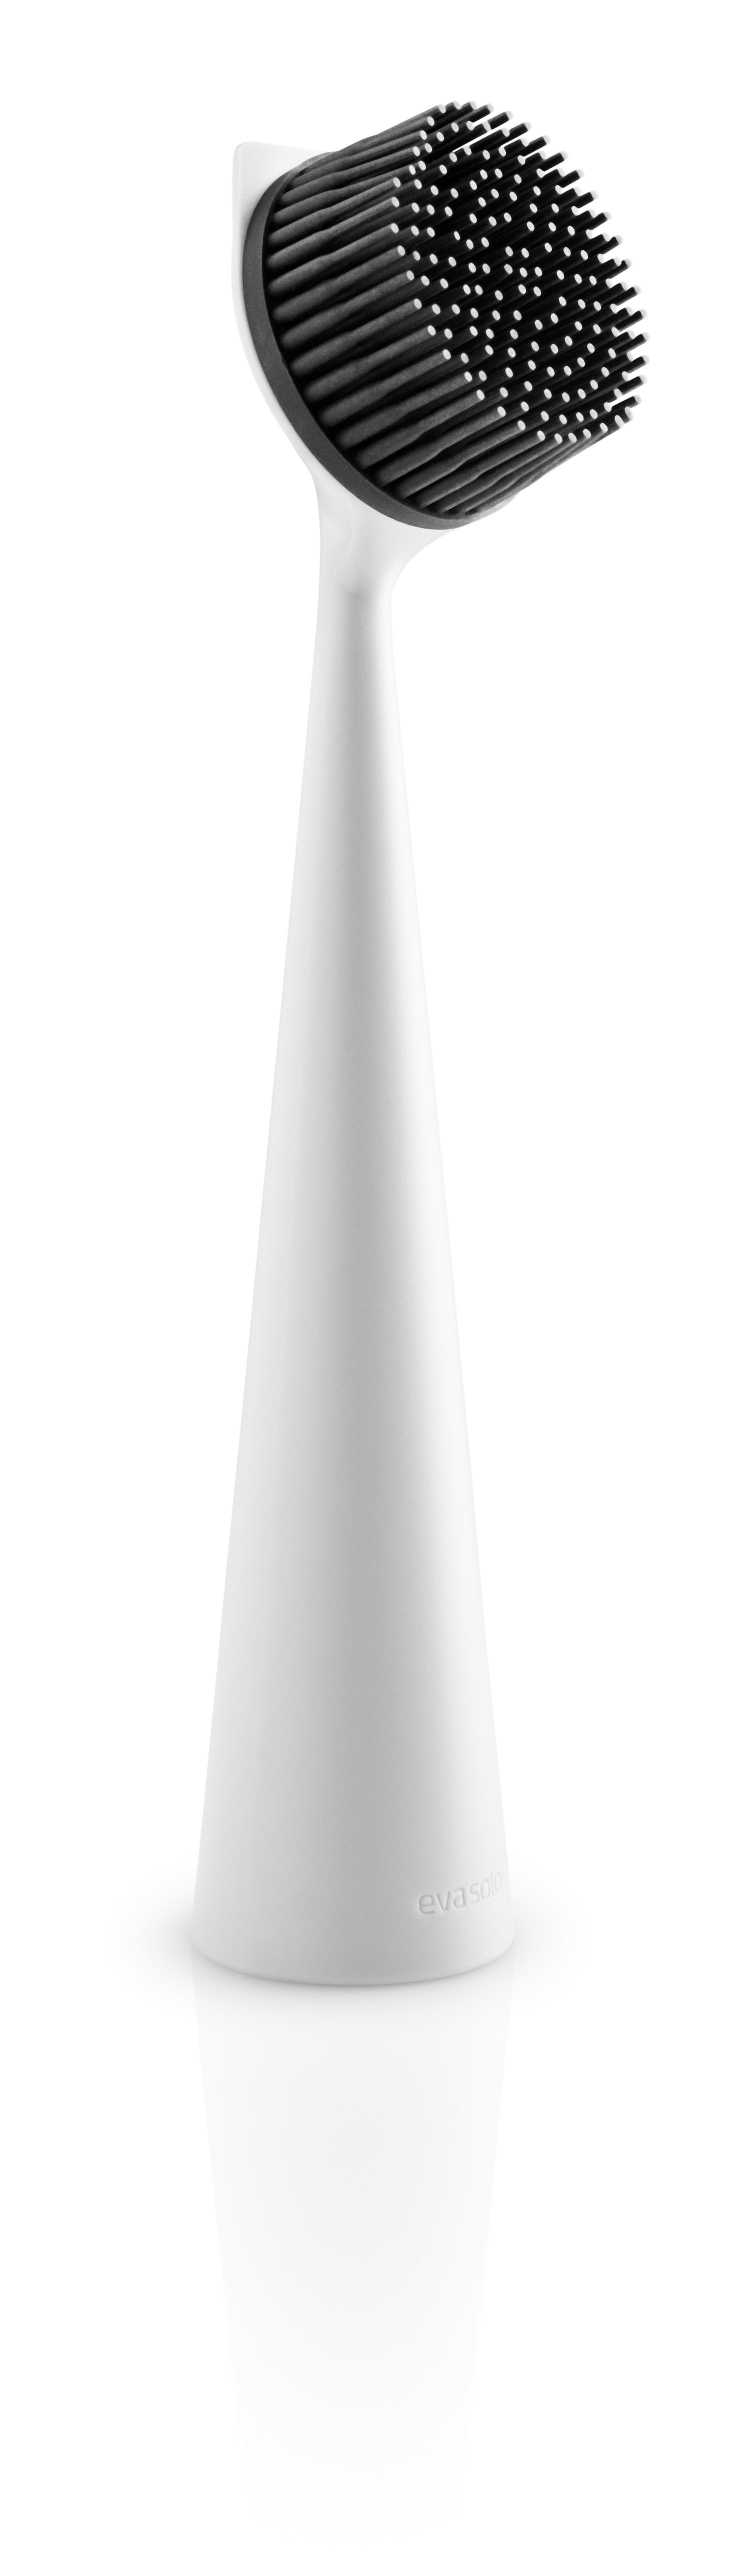 Eva Solo - Dish Brush - Marble Grey (530686)